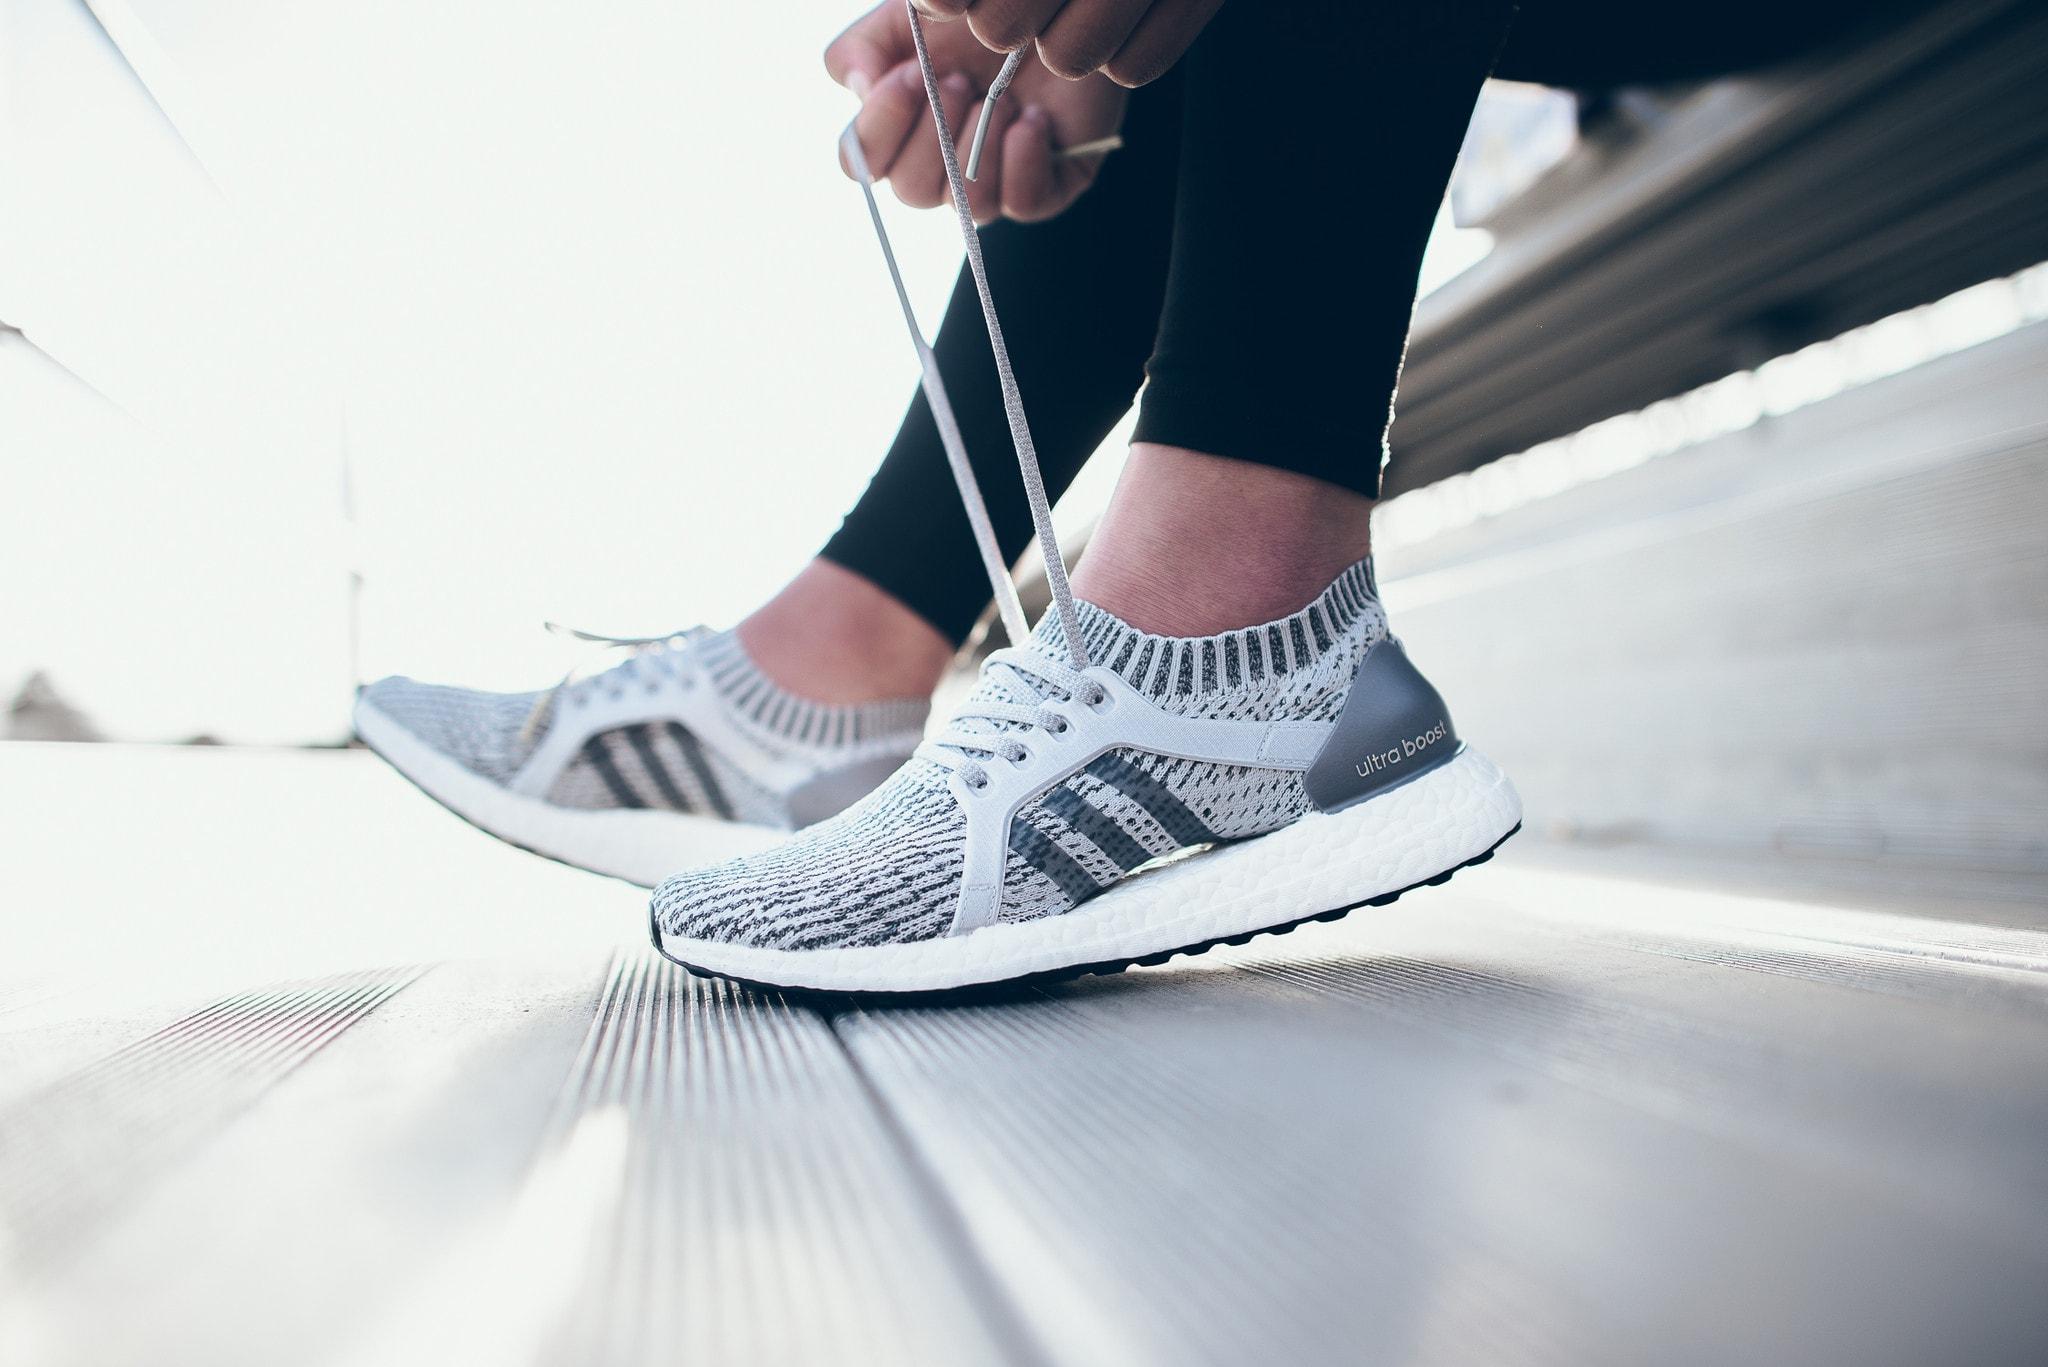 Mua giày sau khi bạn đã tập luyện hoặc đi lại nhiều